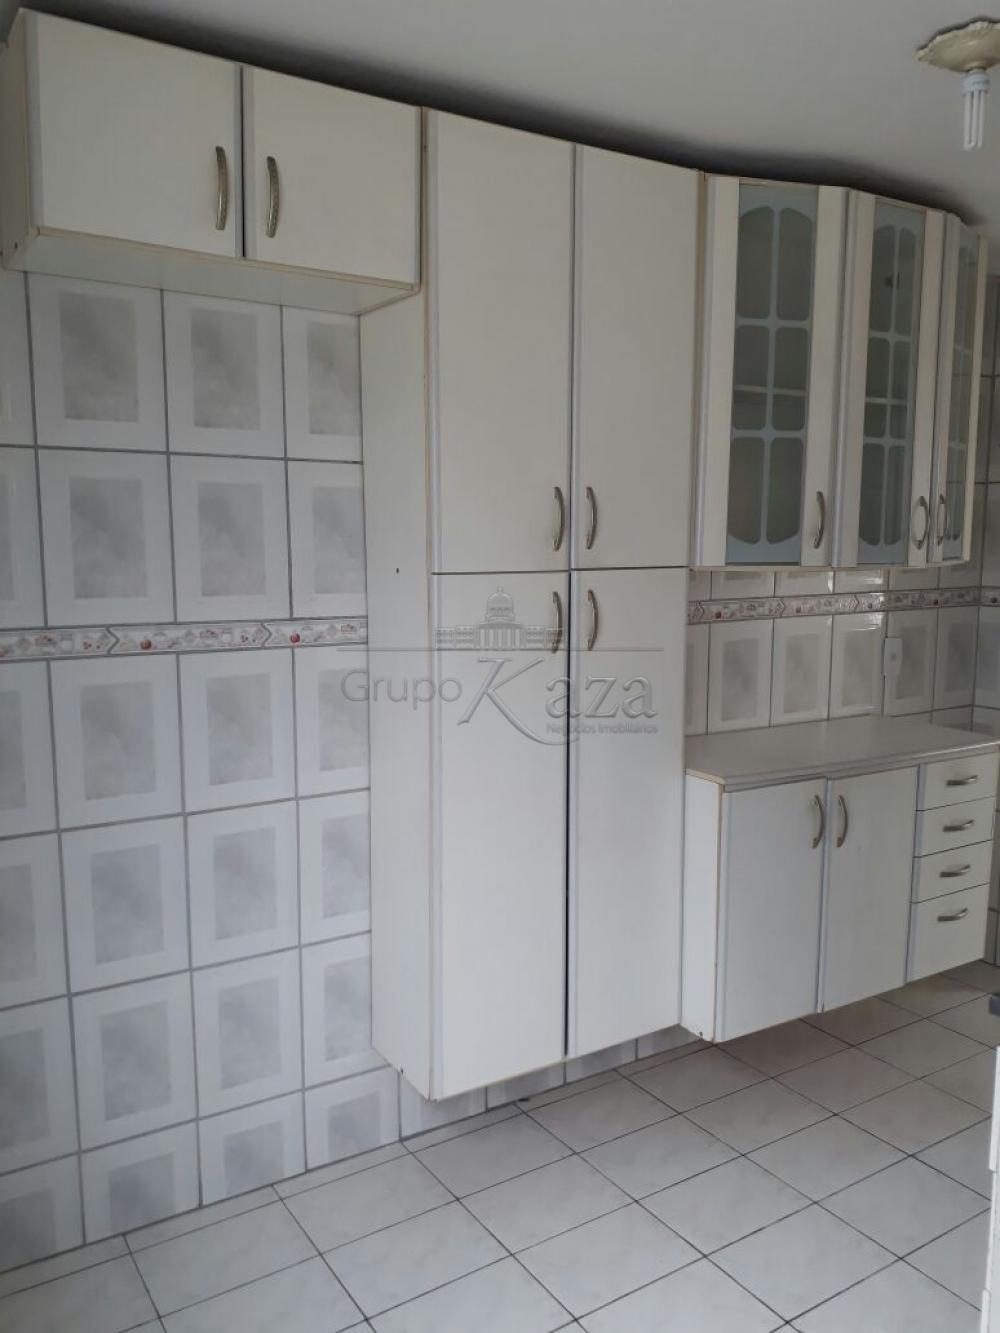 Alugar Apartamento / Padrão em São José dos Campos apenas R$ 830,00 - Foto 3